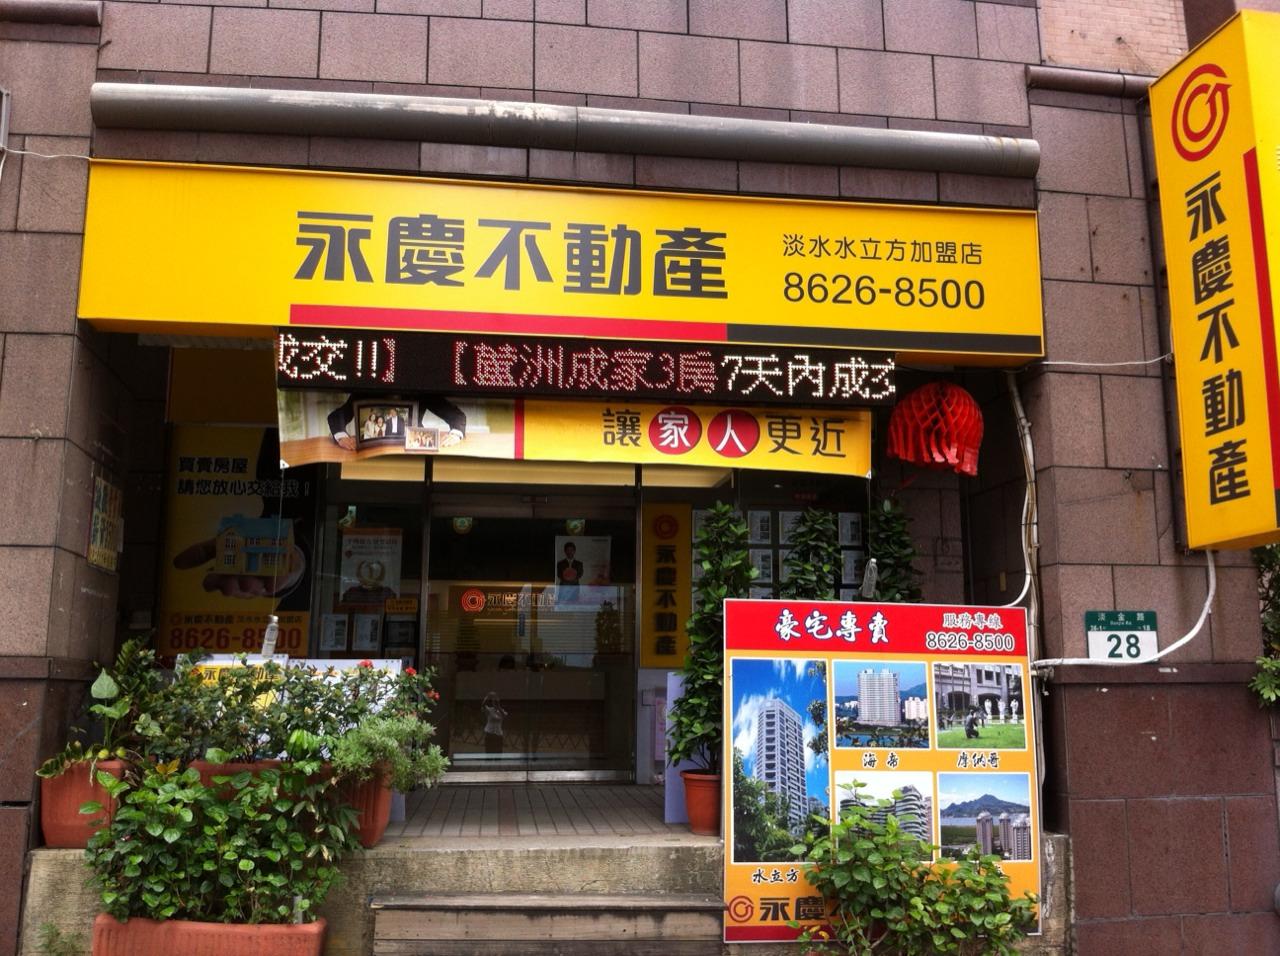 淡水水立方加盟店-逸城有限公司